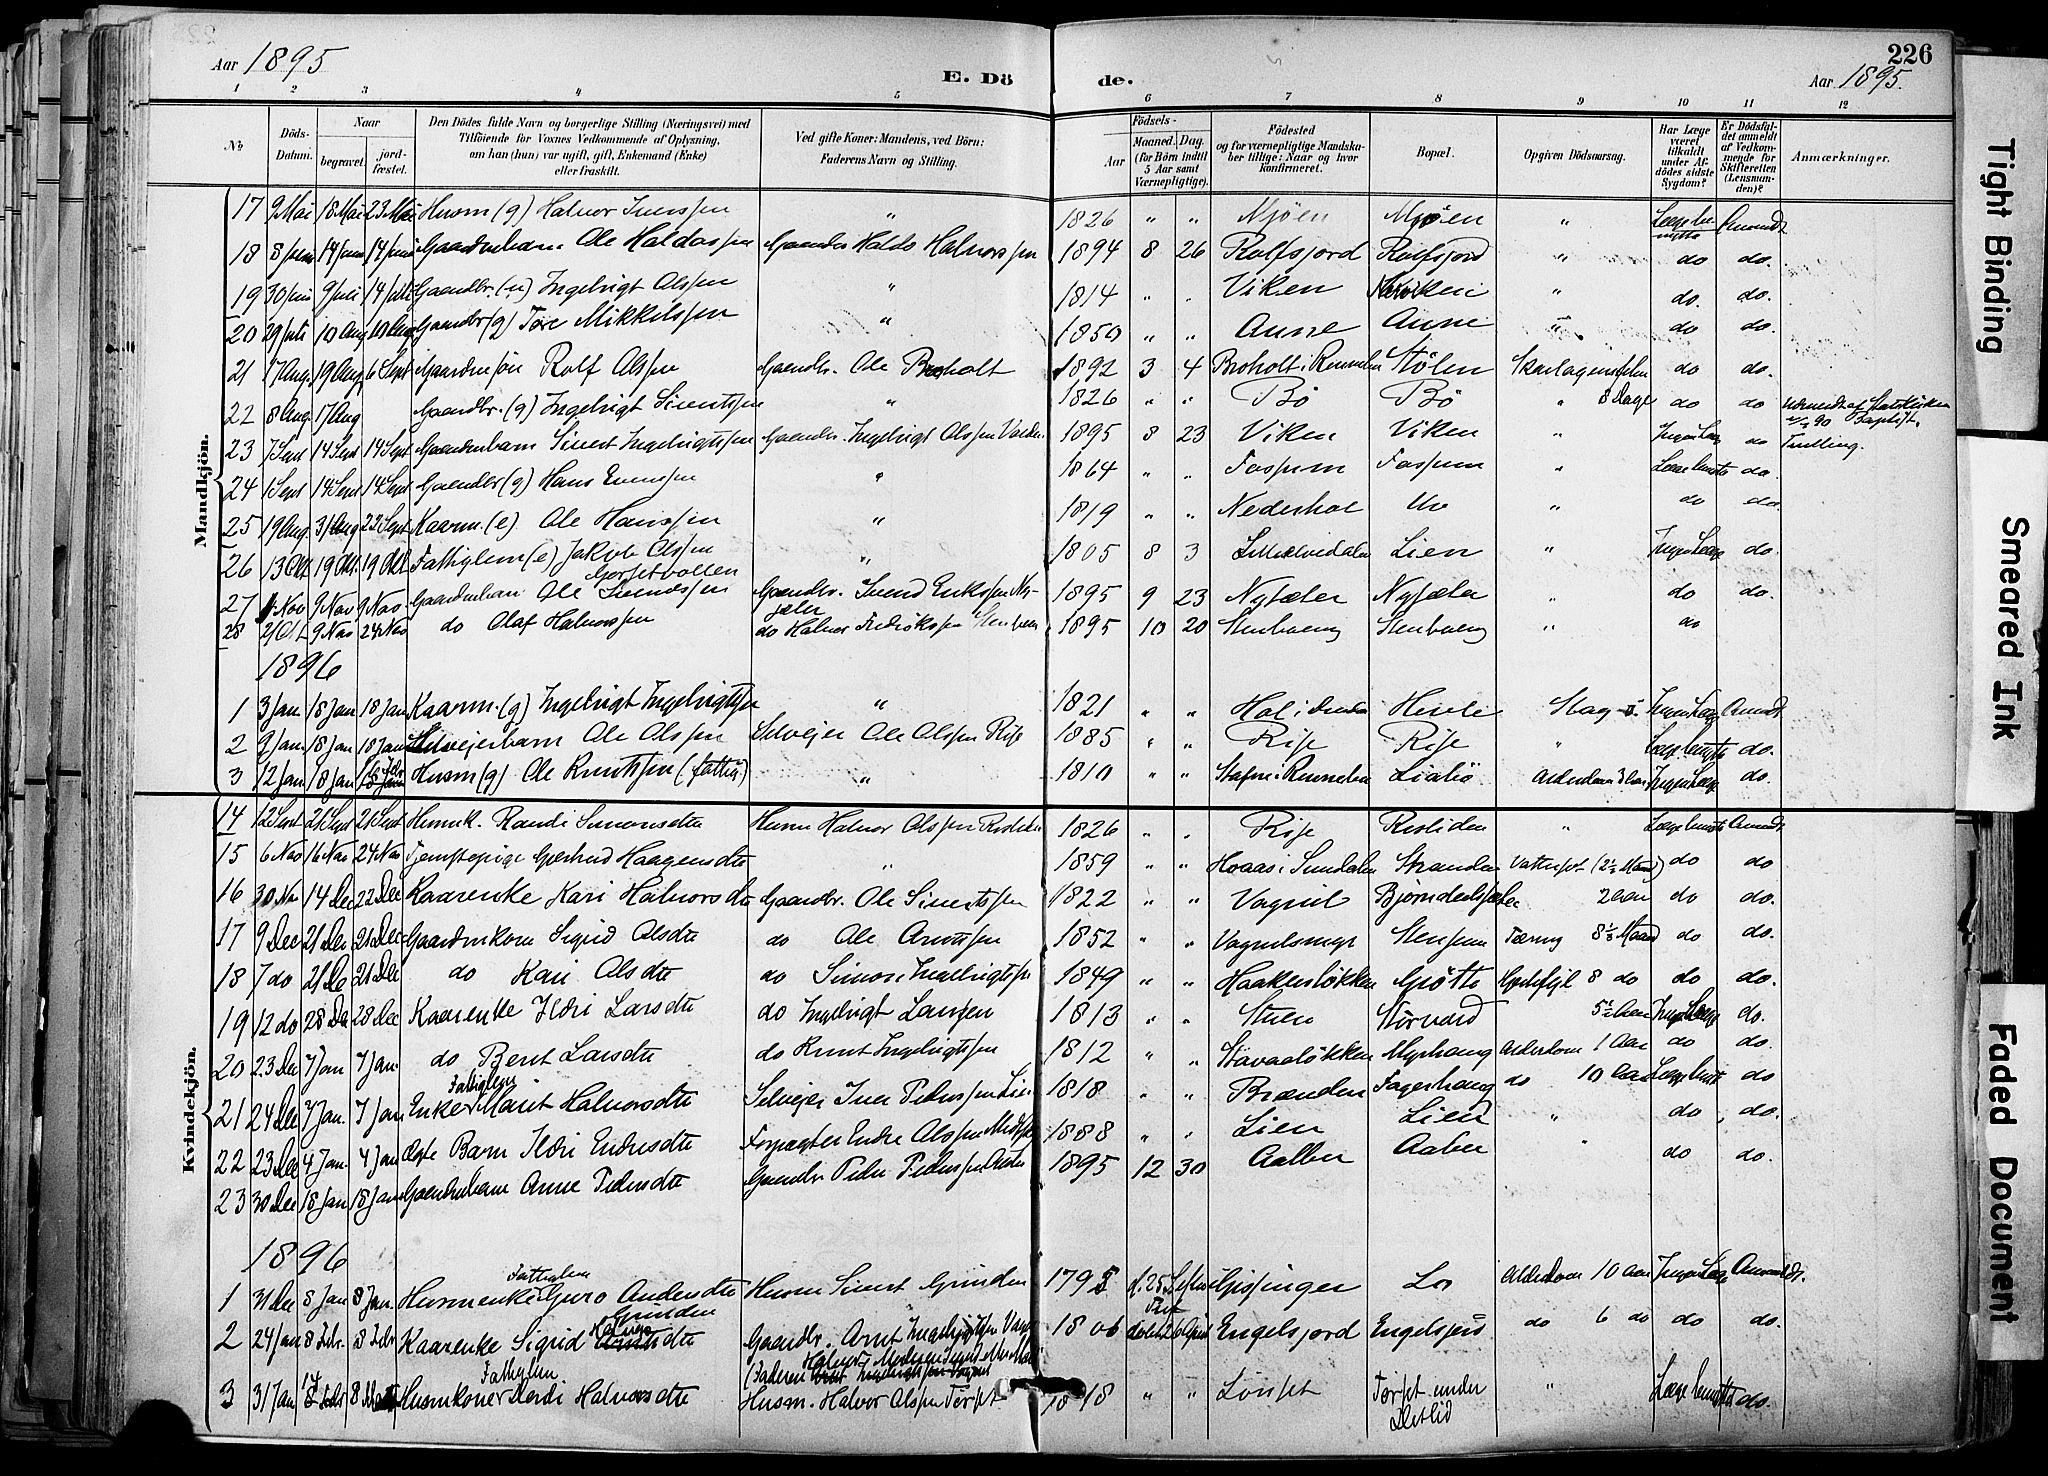 SAT, Ministerialprotokoller, klokkerbøker og fødselsregistre - Sør-Trøndelag, 678/L0902: Ministerialbok nr. 678A11, 1895-1911, s. 226